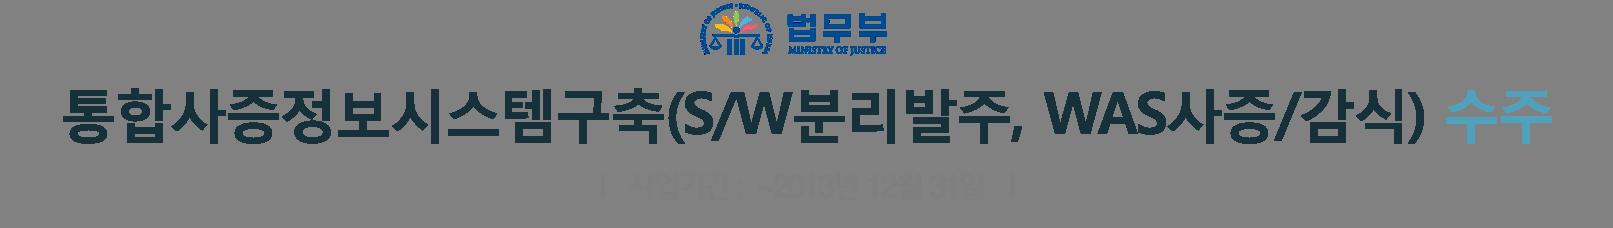 6 법무부-통합사증정보시스템구축(SW분리발주, WAS사증감식).png